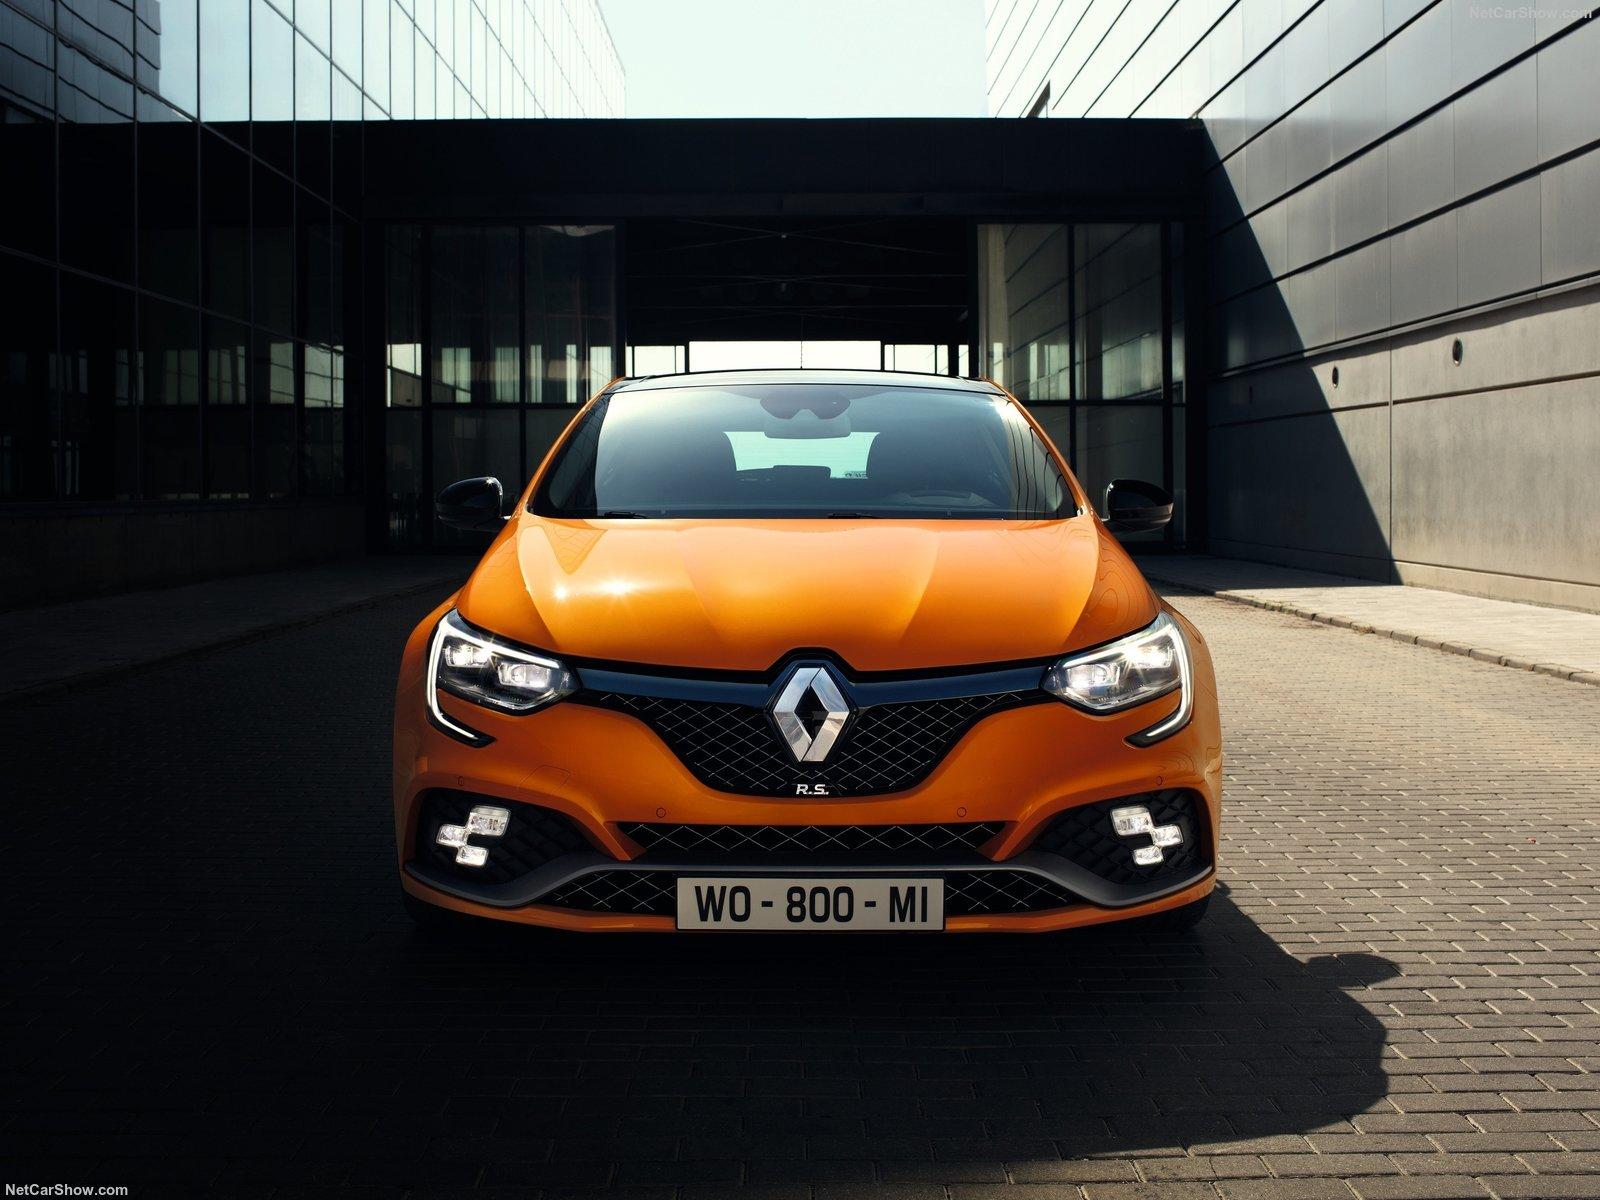 Renault Megan 2020: знакомый хэтчбек в спортивной версии с мощными моторами, роскошным салоном и всего от 1 млн. рублей